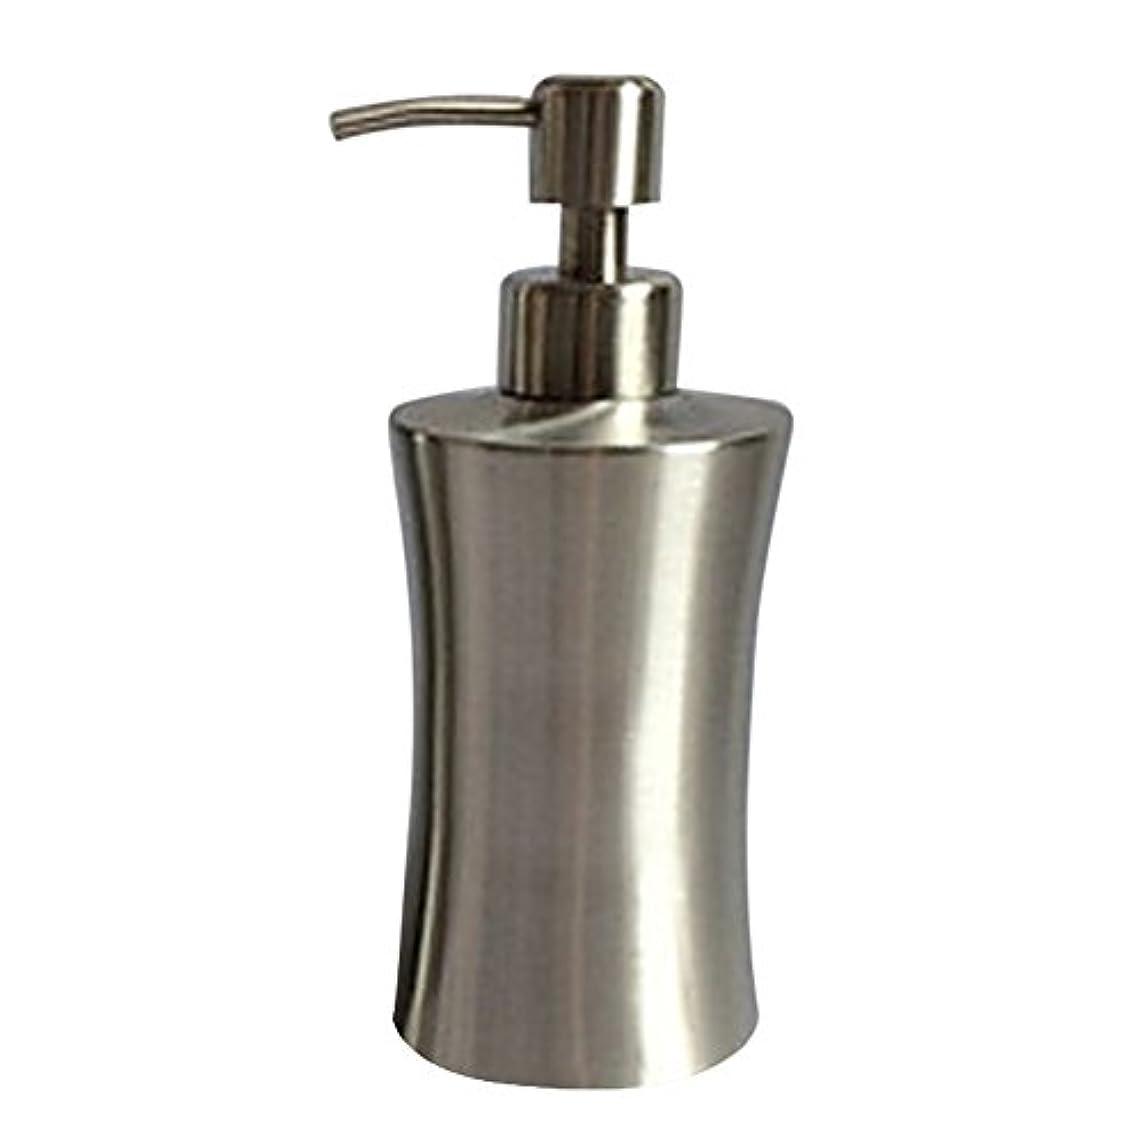 おばさん矢以来ディスペンサー ステンレス ボトル 容器 ソープ 石鹸 シャンプー 手洗いボトル 耐久性 錆びない 220ml/250ml/400ml (C:400ml)